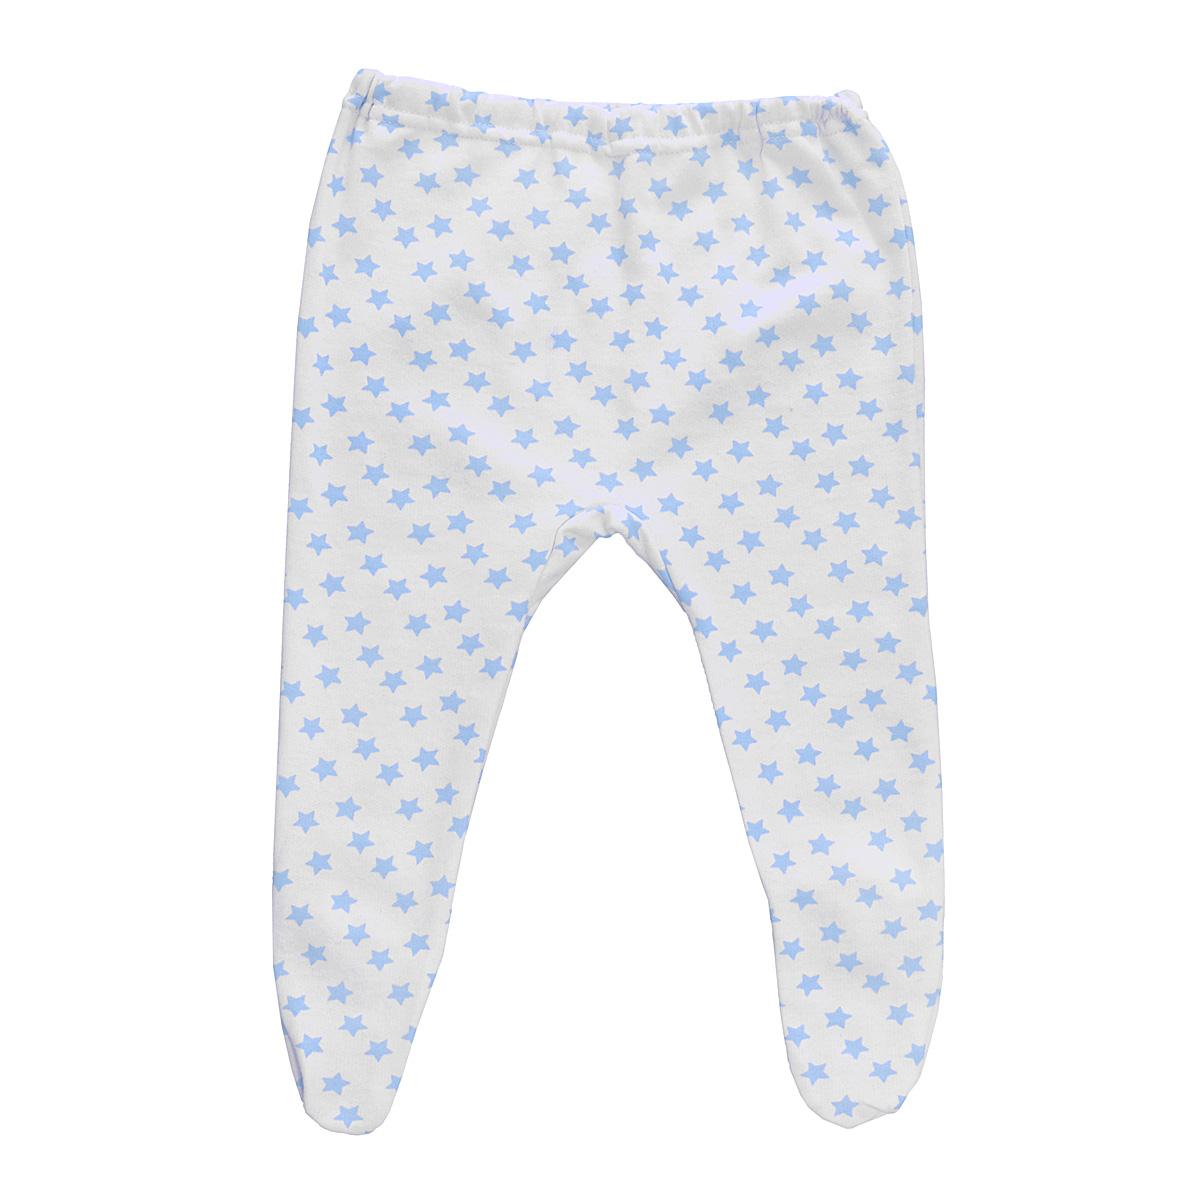 Ползунки Трон-Плюс, цвет: белый, голубой, рисунок звезды. 5256. Размер 62, 3 месяца5256Ползунки для новорожденного Трон-Плюс послужат идеальным дополнением к гардеробу вашего ребенка, обеспечивая ему наибольший комфорт.Модель, изготовленная из футерованного полотна - натурального хлопка, необычайно мягкая и легкая, не раздражает нежную кожу ребенка и хорошо вентилируется, а эластичные швы приятны телу малыша и не препятствуют его движениям. Теплые ползунки с закрытыми ножками благодаря мягкому эластичному поясу не сдавливают животик младенца и не сползают, идеально подходят для ношения с подгузником. Они полностью соответствуют особенностям жизни ребенка в ранний период, не стесняя и не ограничивая его в движениях.